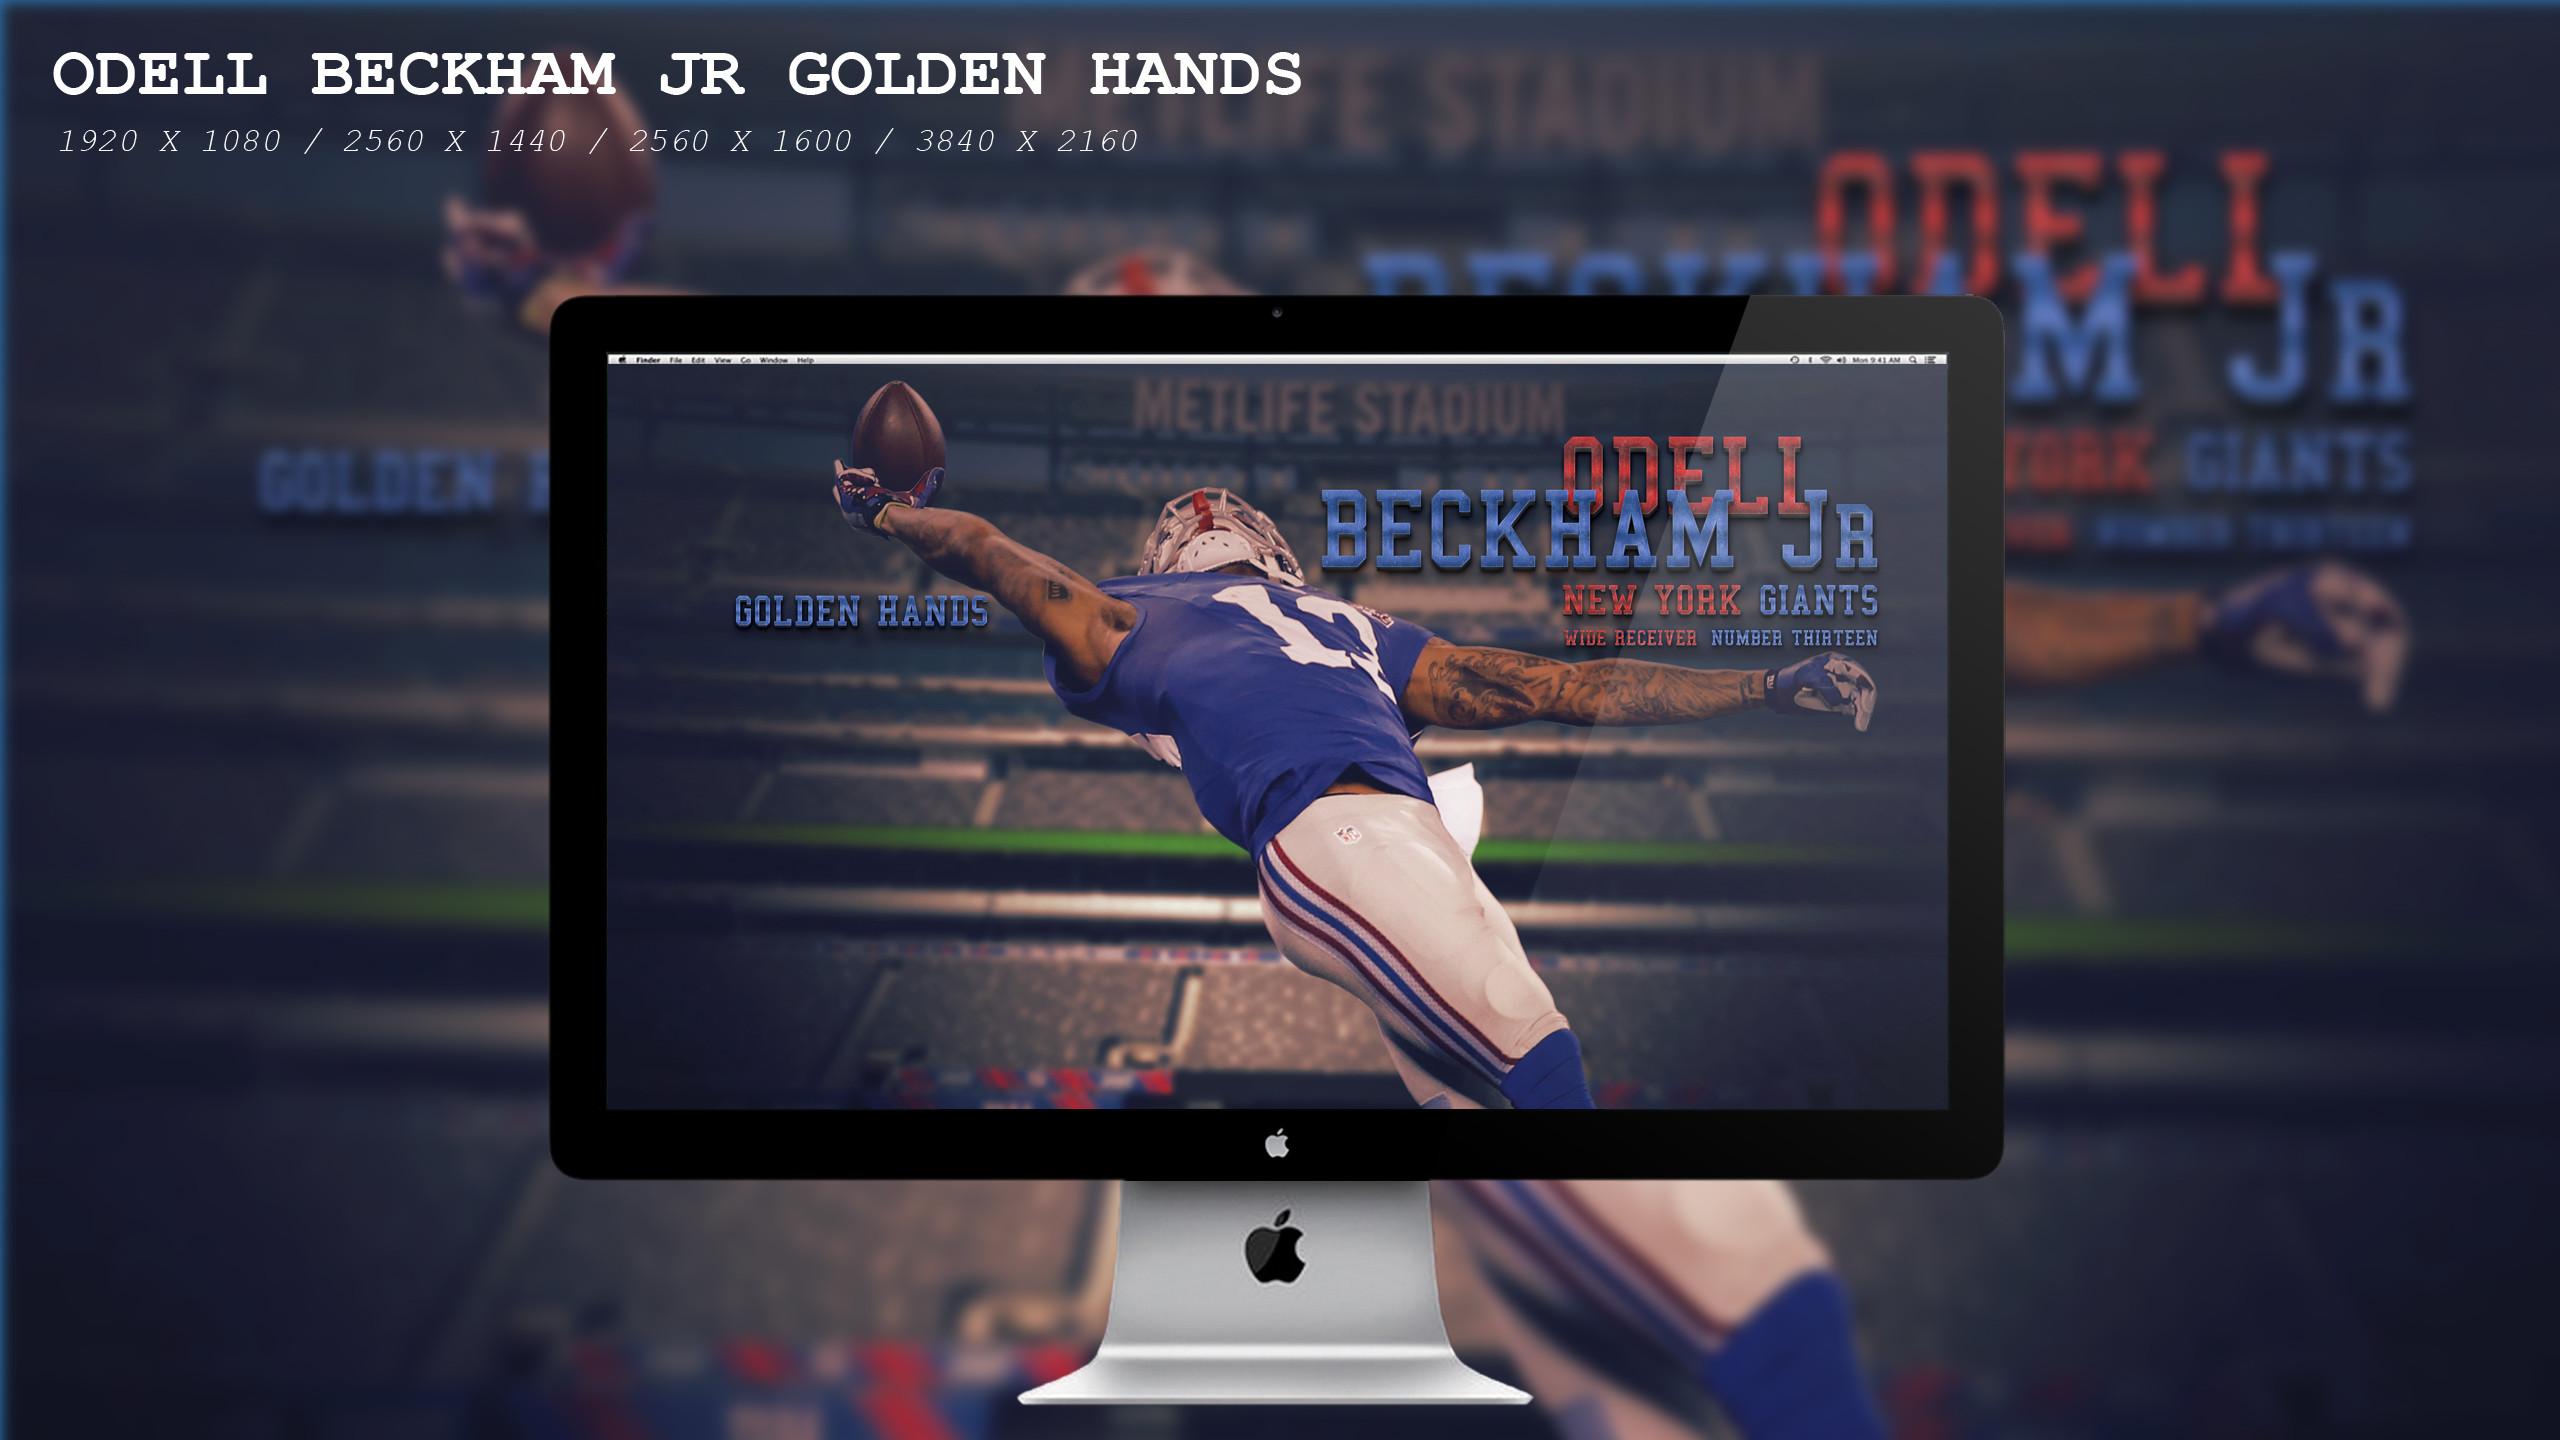 Odell Beckham Jr Golden Hands Wallpaper HD by BeAware8 on DeviantArt